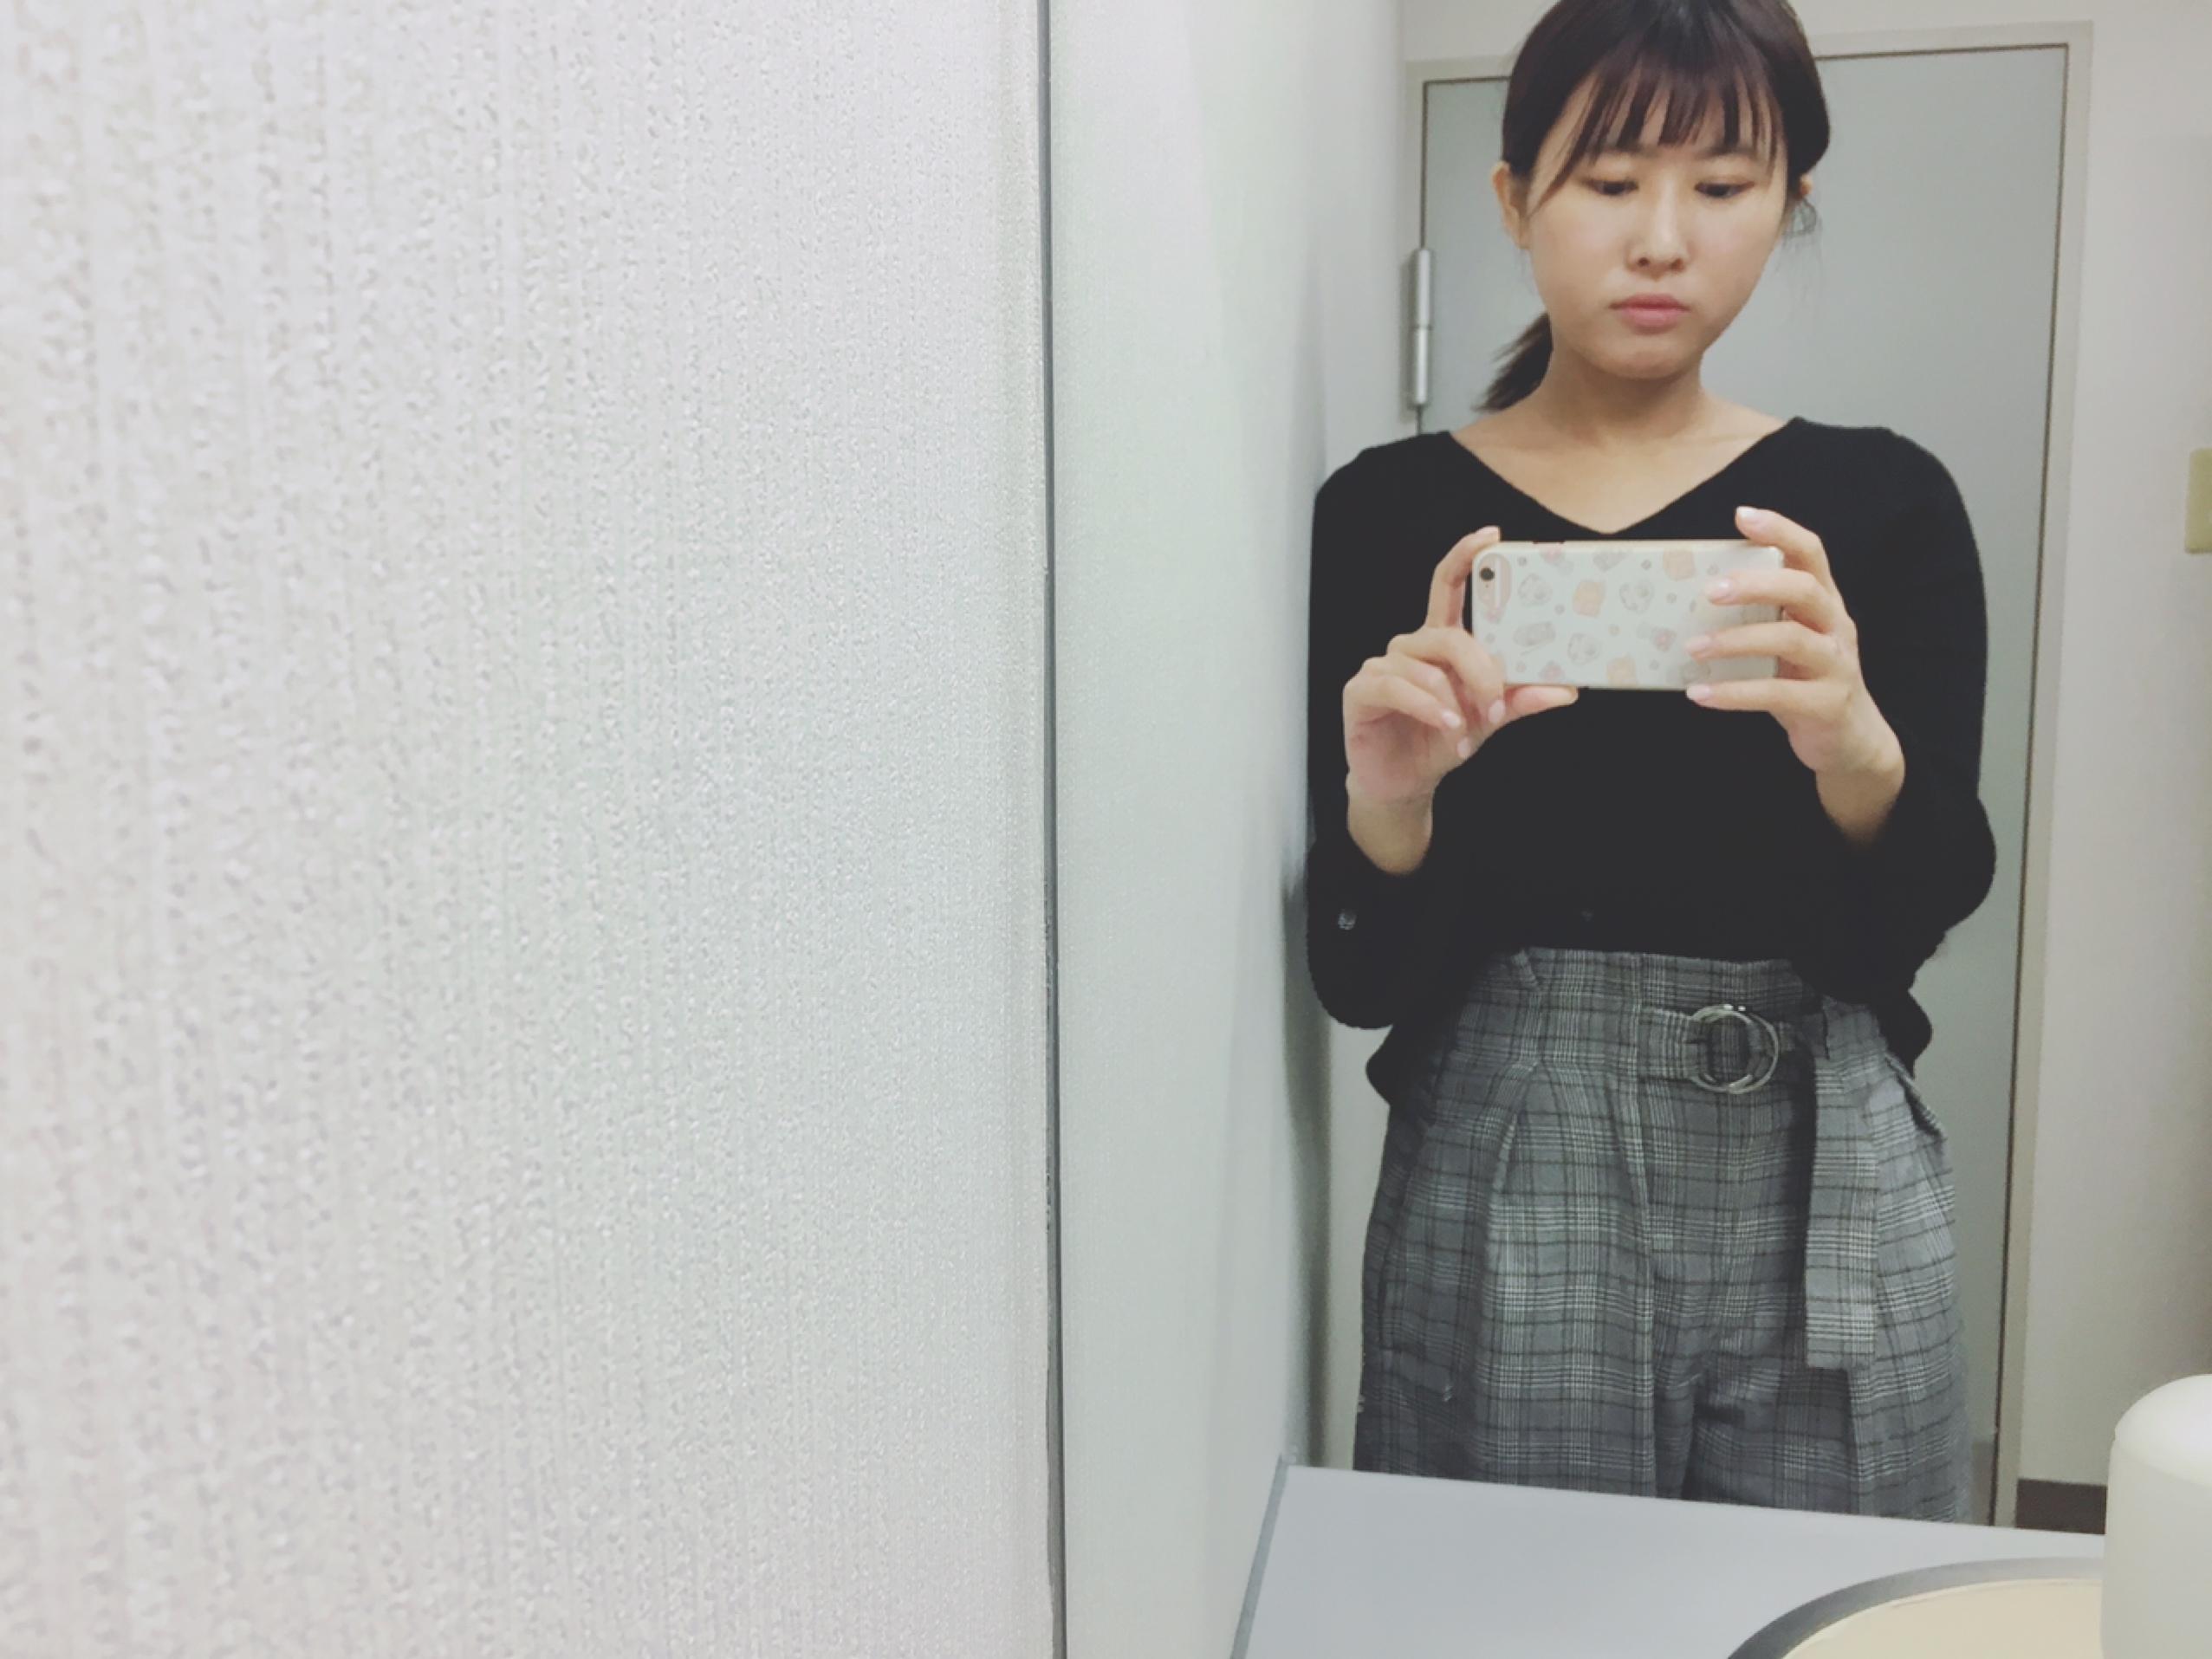 【今週のコーデまとめvol.41】衣装チェンジ!?甘めカジュアル派の7days_9